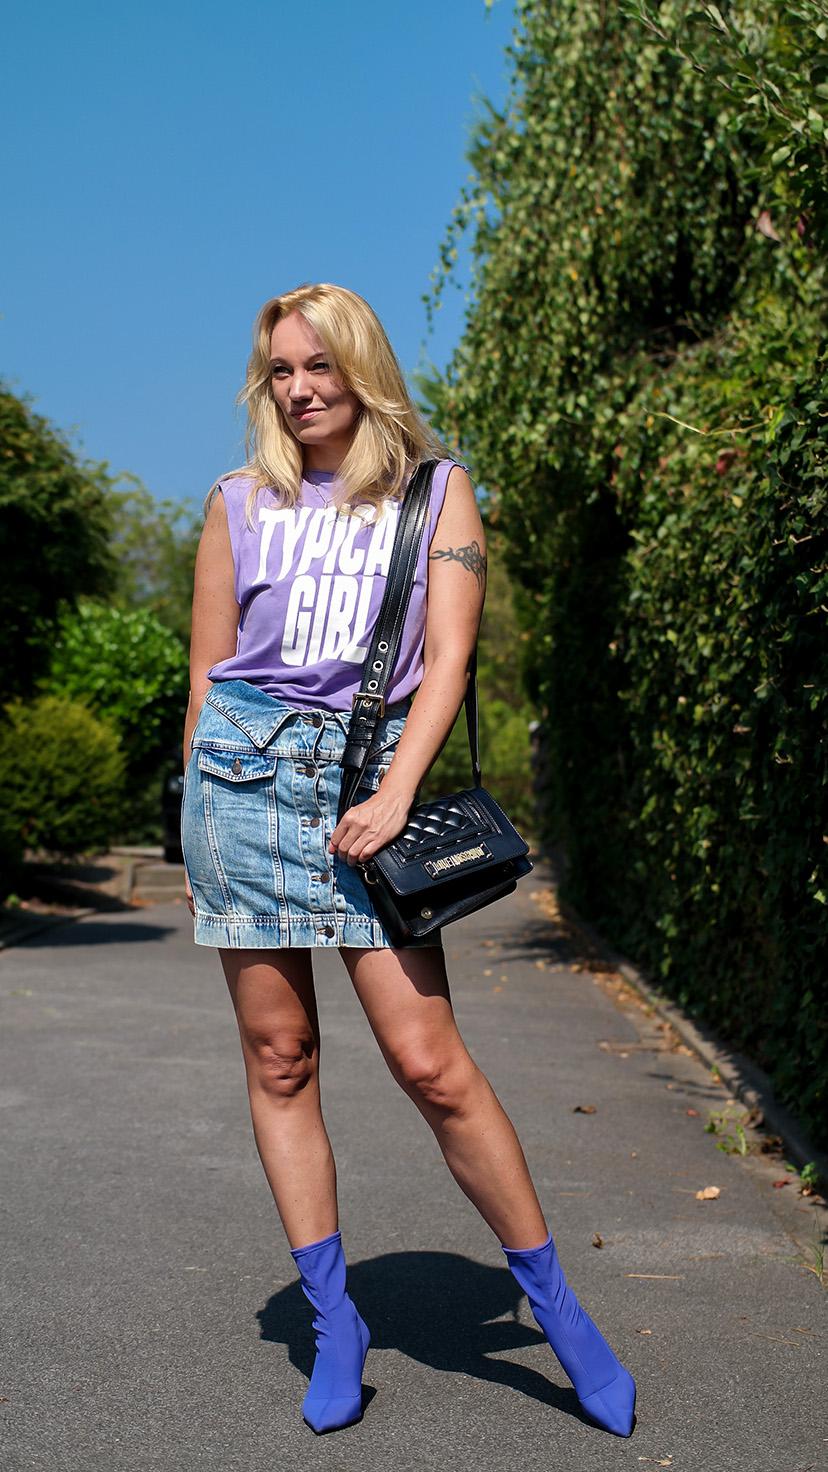 Der Sommer neigt sich langsam dem Ende. Bevor wir uns modetechnisch jedoch dem Herbst zuwenden, wollte ich noch einmal ein letztes Sommeroutfit zum Besten geben! Im Love Moschino Allover Look | Hot Port Life & Style | 30+ Style Blog